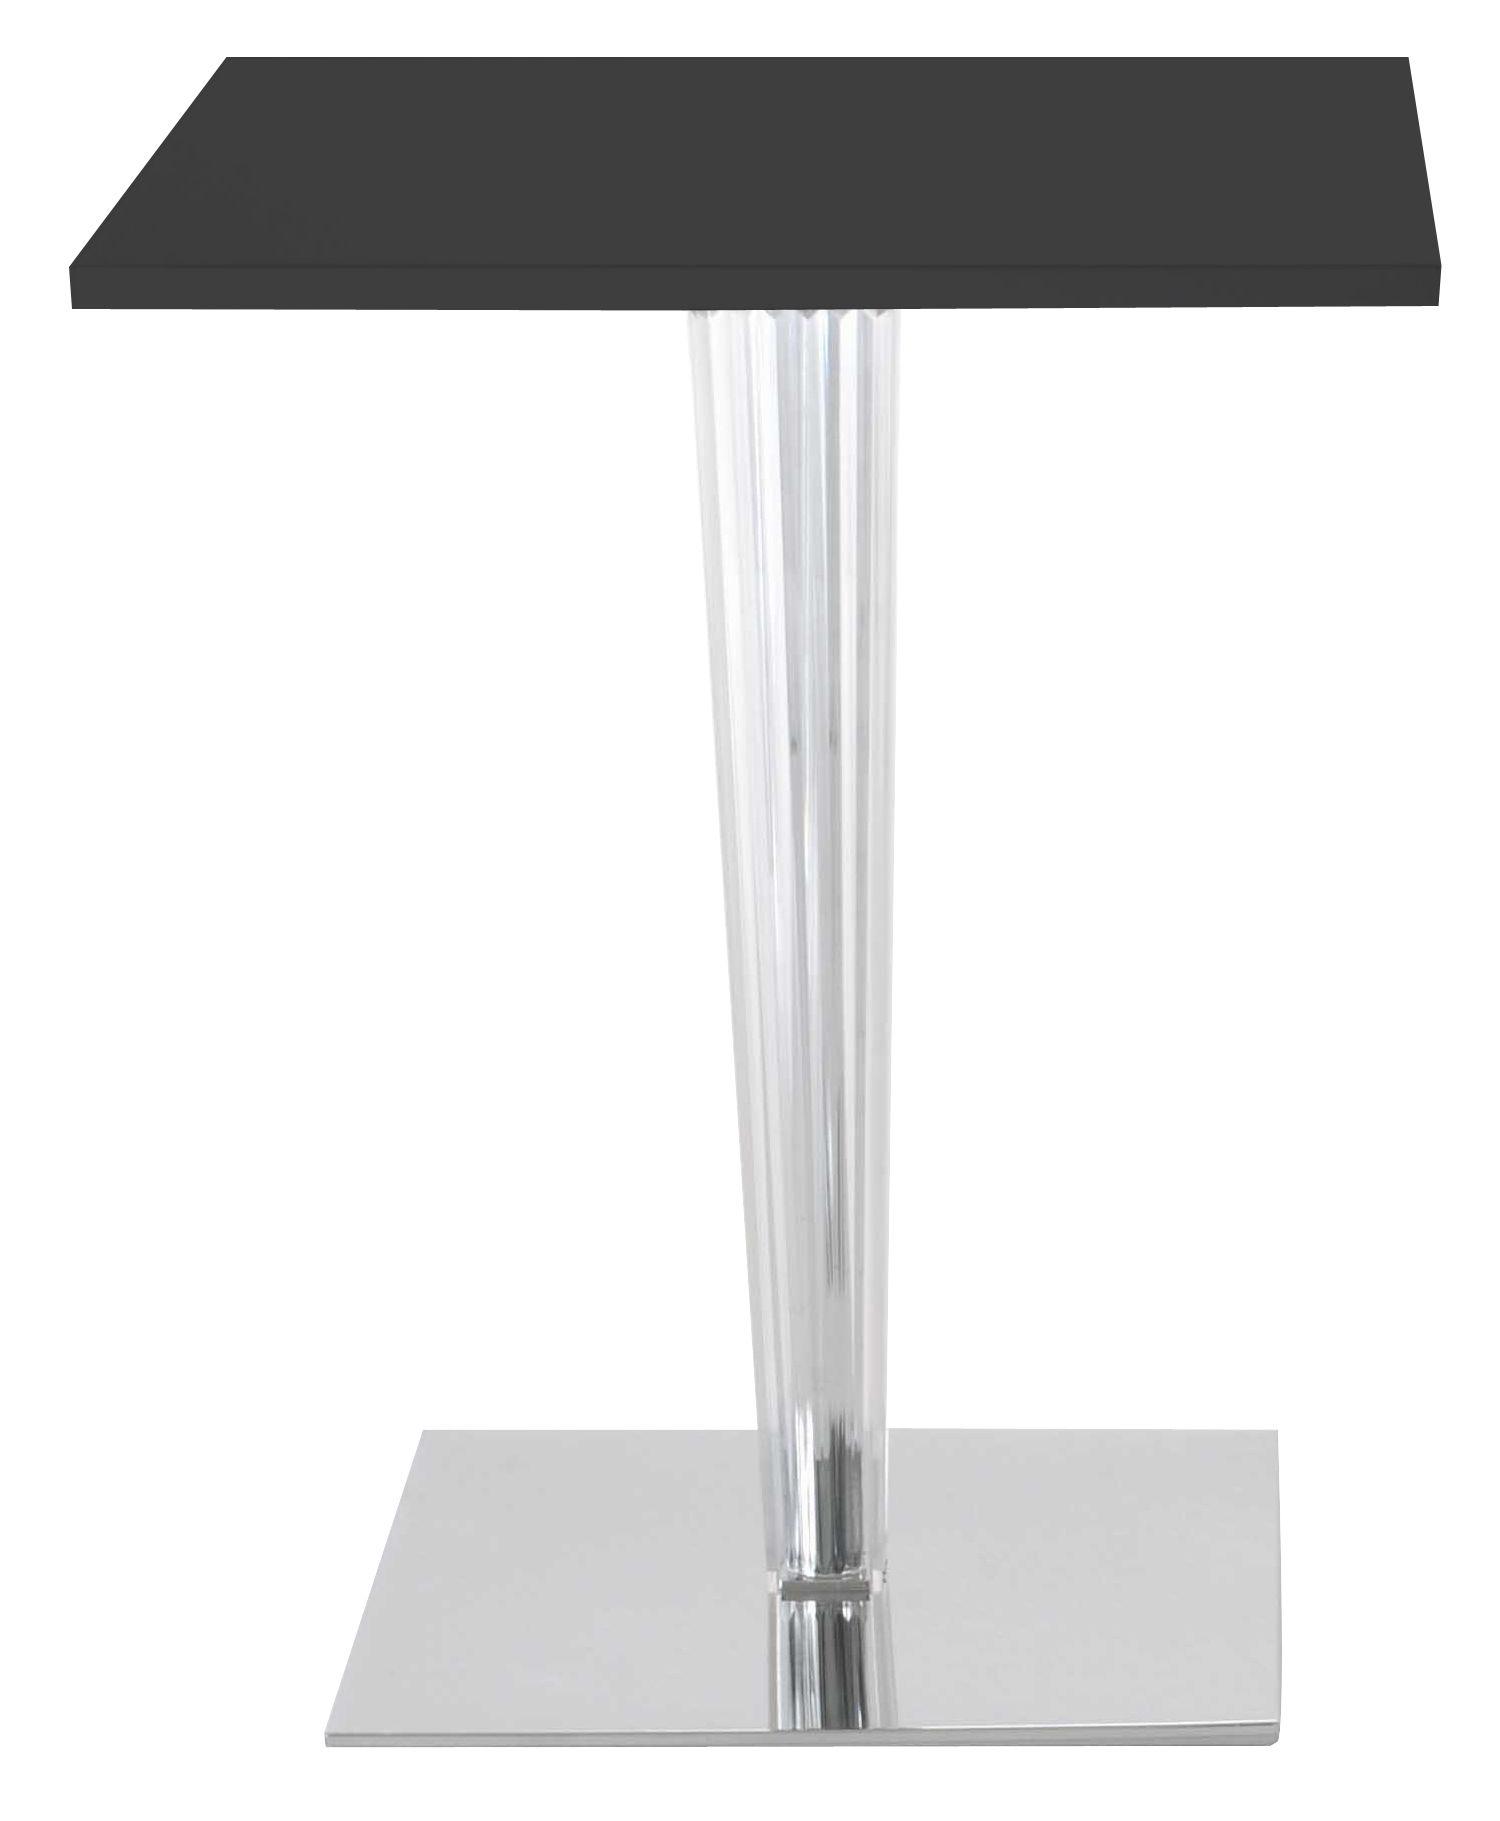 Mobilier - Tables - Table carrée Top Top / Laminé - 70 x 70 cm - Kartell - Noir/ pied carré - Aluminium verni, Laminé, PMMA